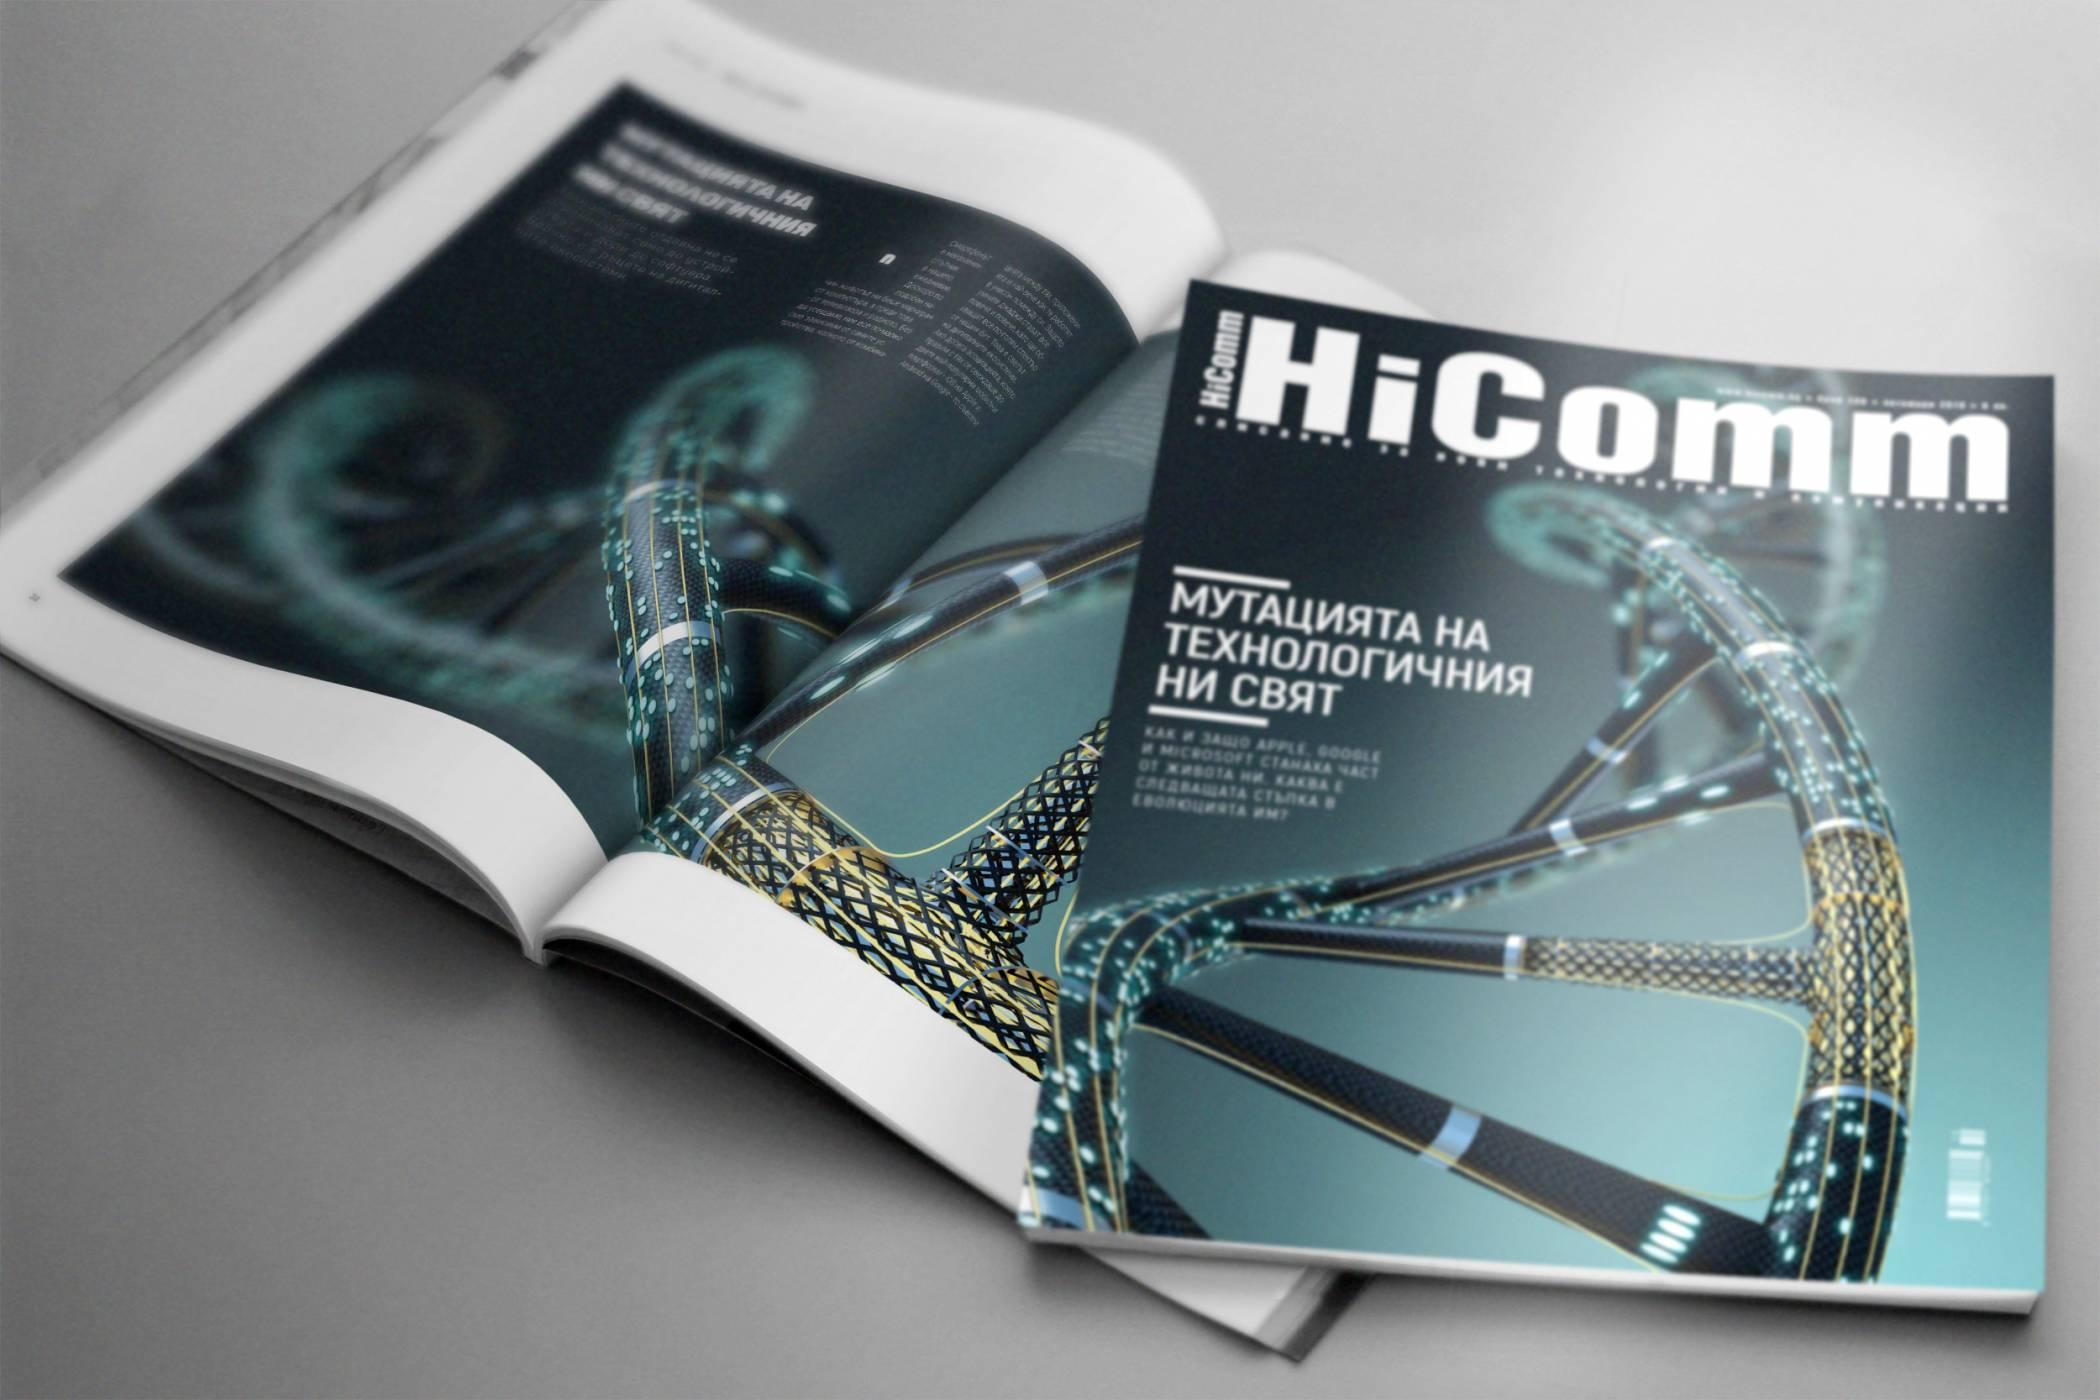 Мутацията на технологичния ни свят в октомврийския брой на HiComm